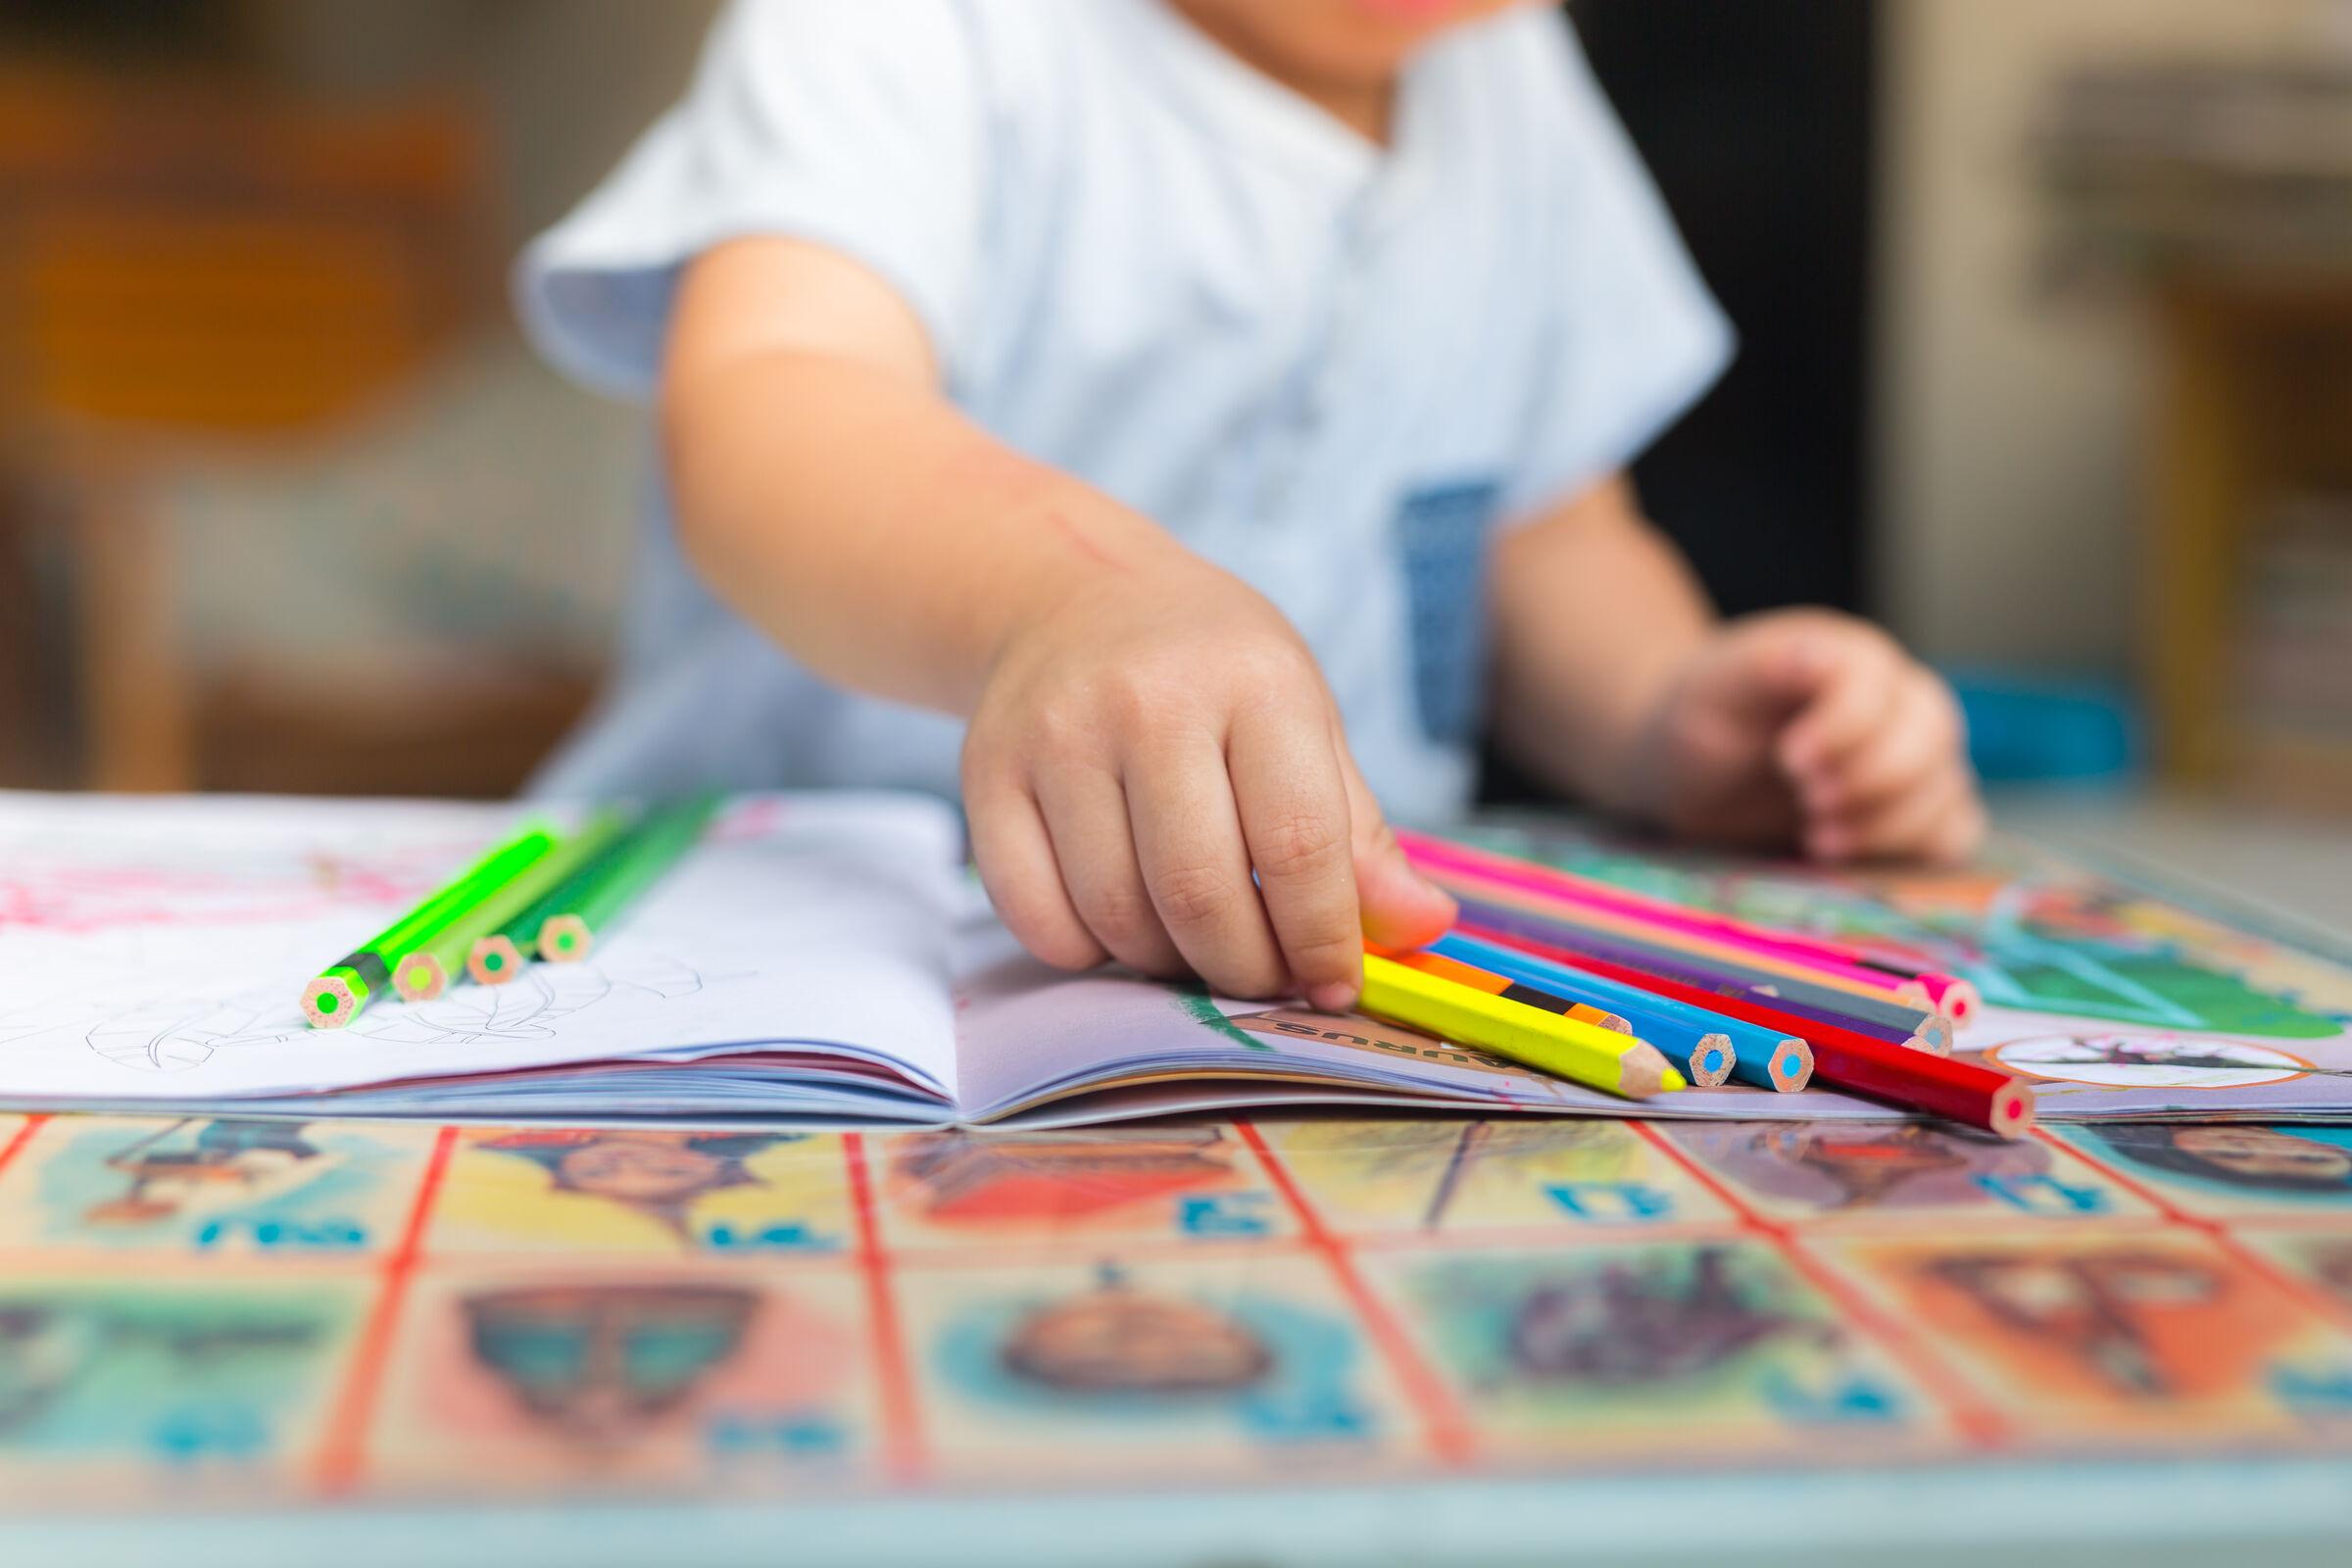 Criança-segurando-lápis-de-cor